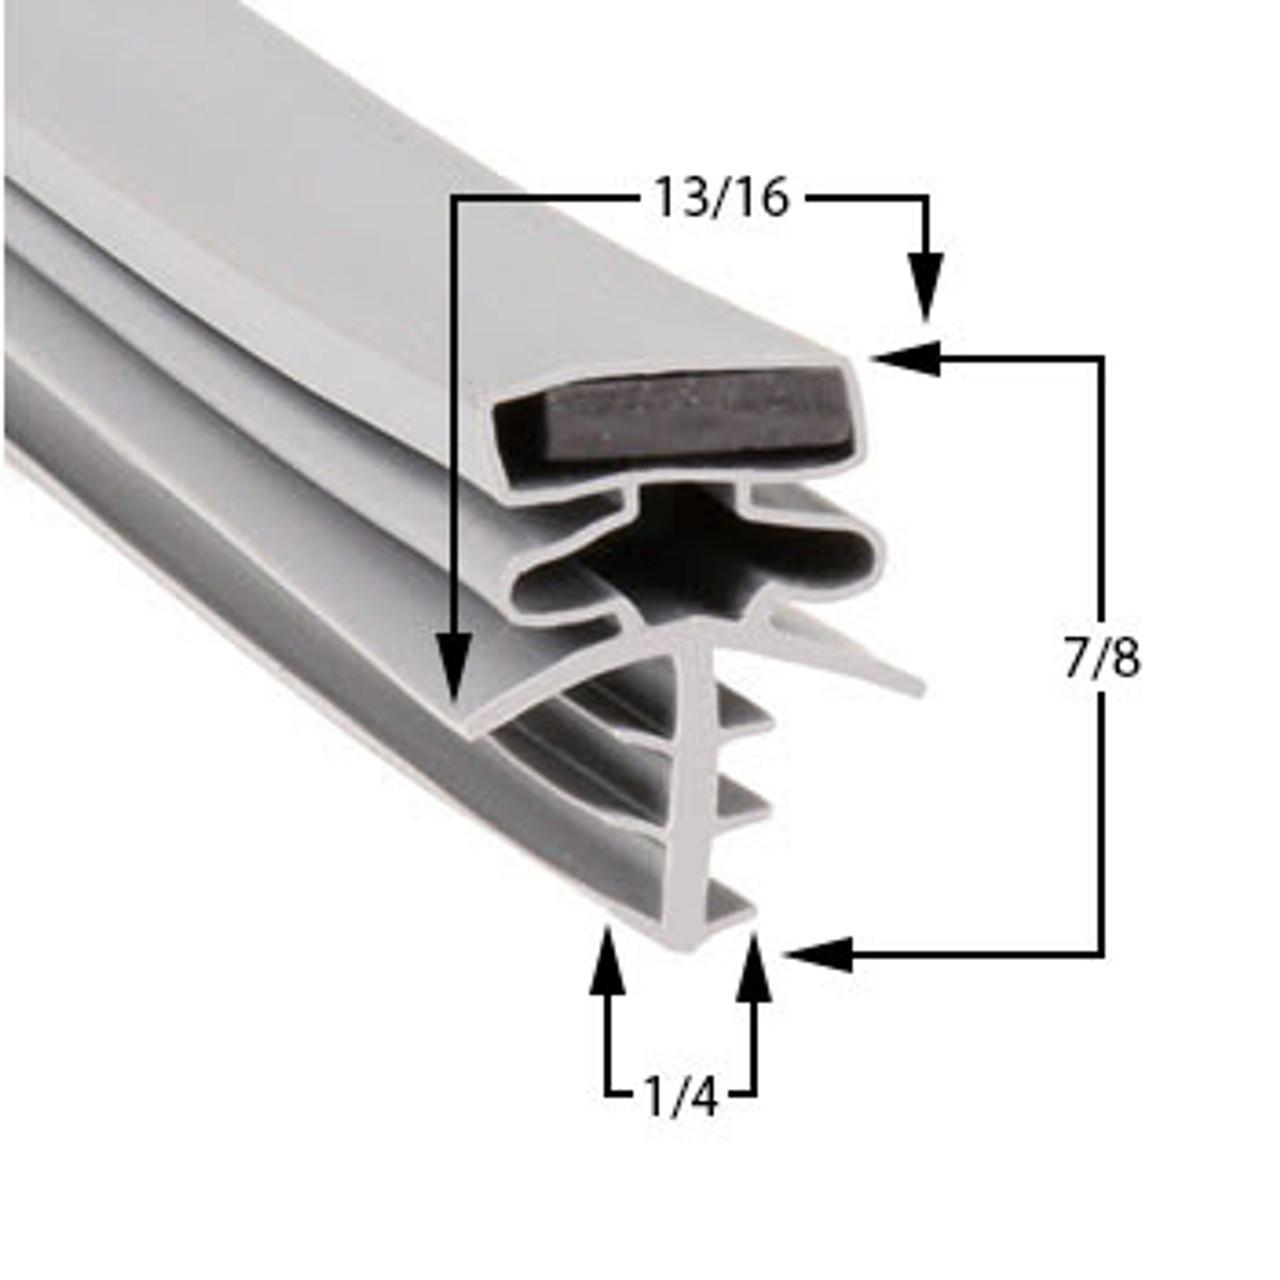 Brown Door Gasket Profile 301 35 1/4 x 83 1/2 -A2.0727-2